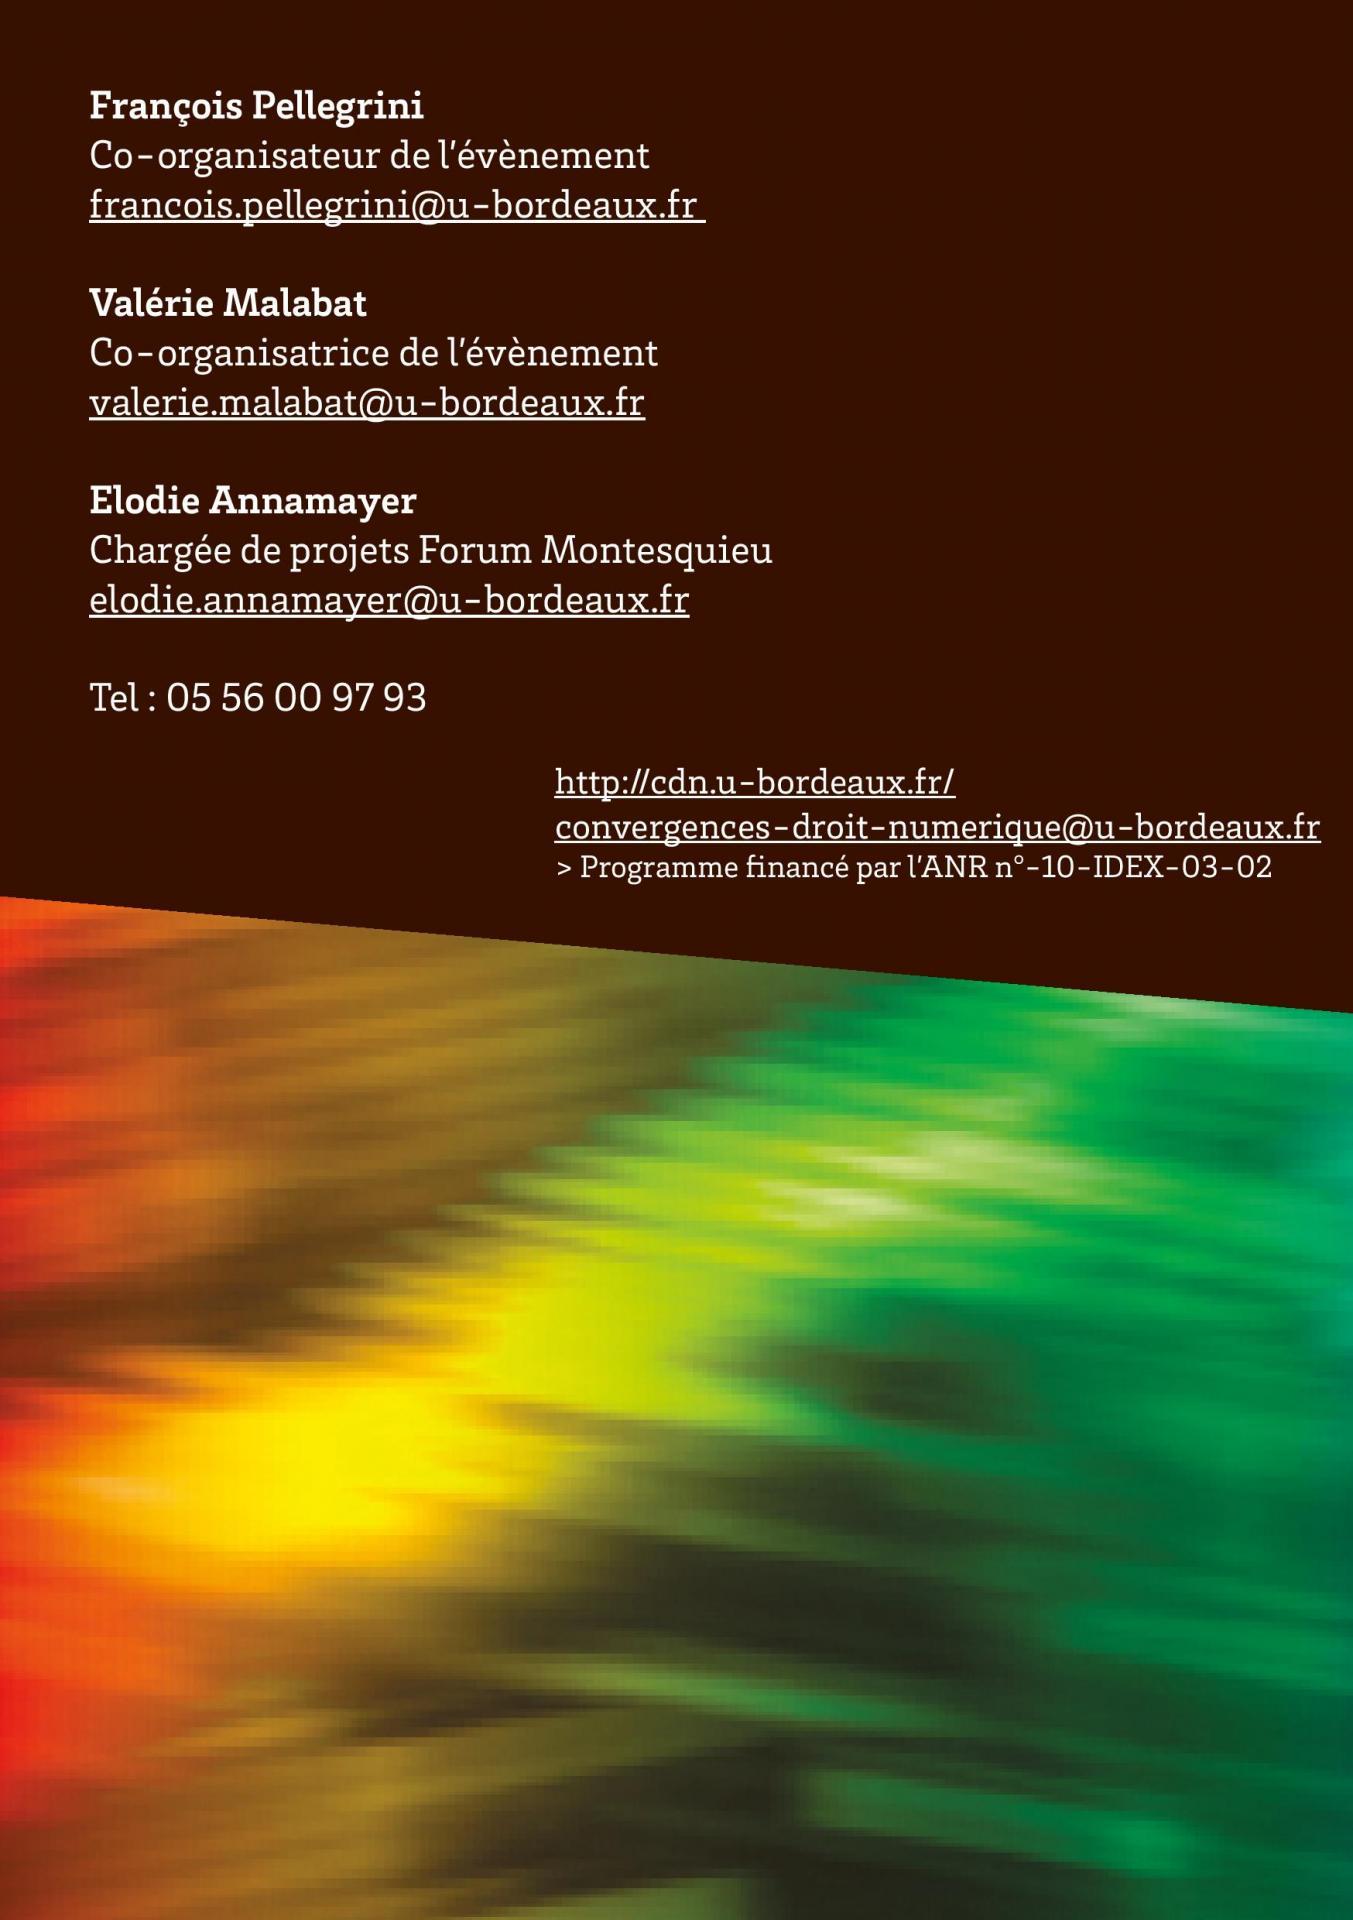 Programmes des convergences du droit et du numerique page 012